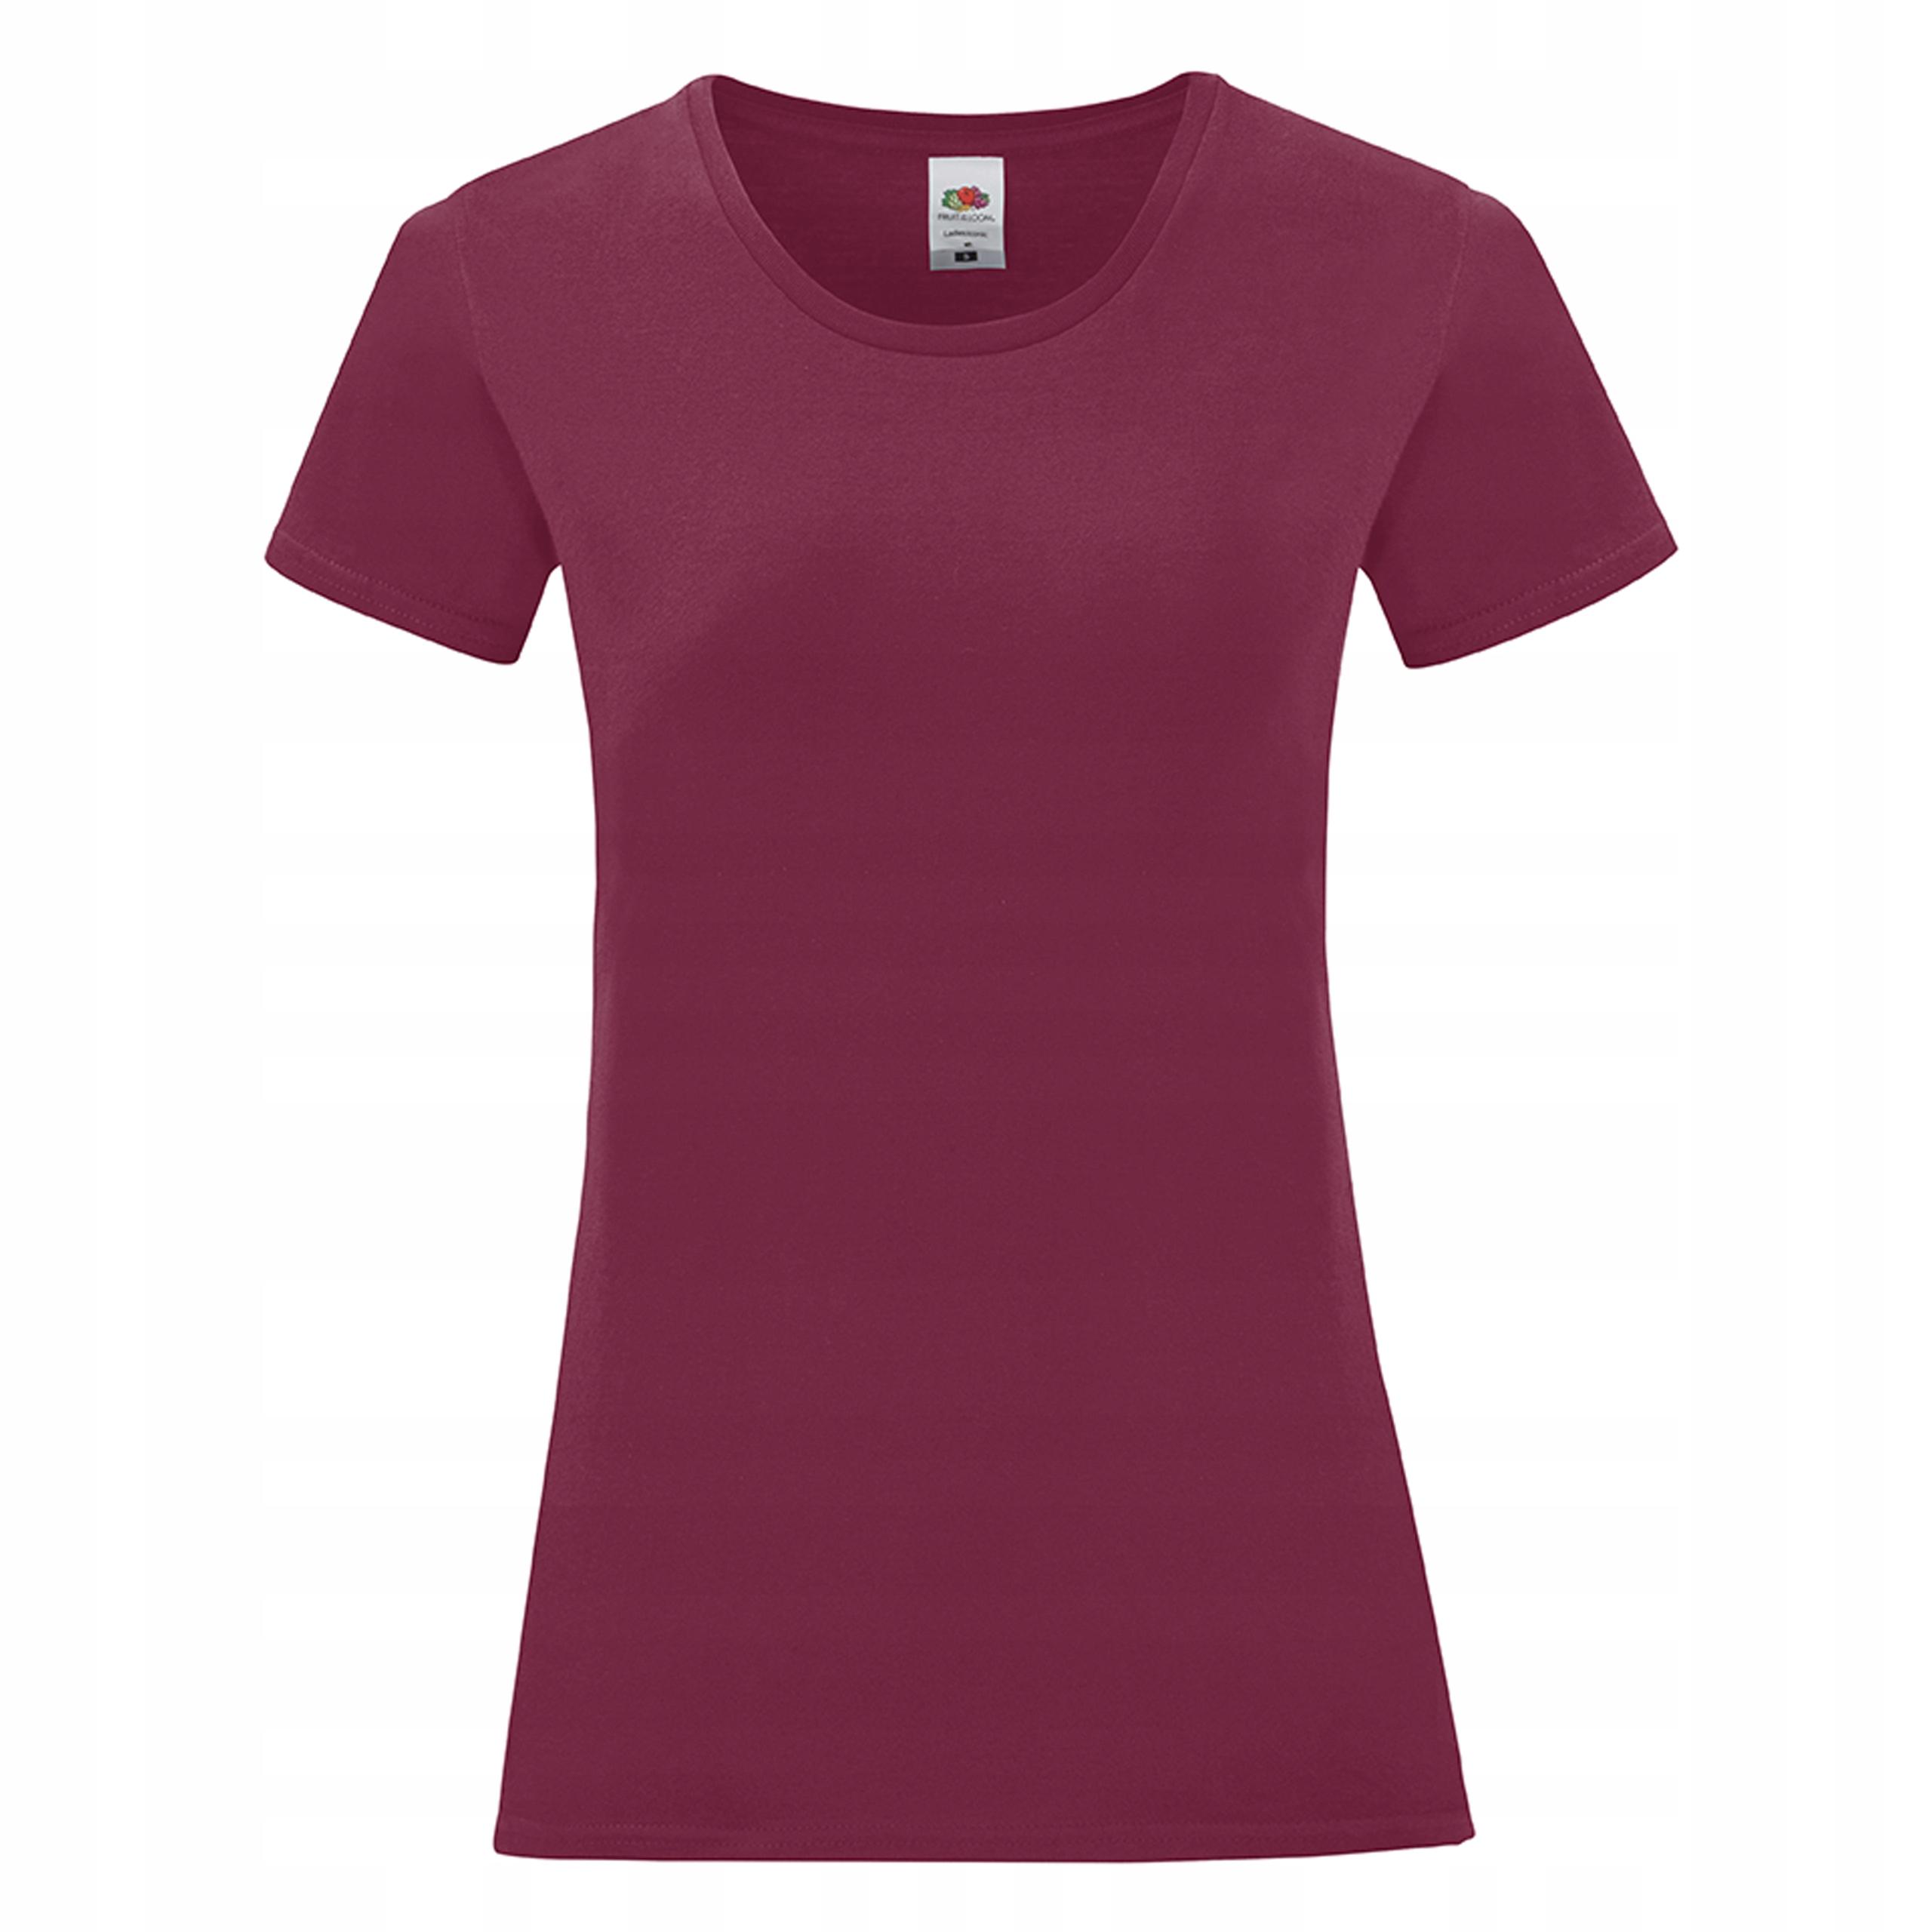 Damska koszulka t-shirt Iconic Fruit burgundy S